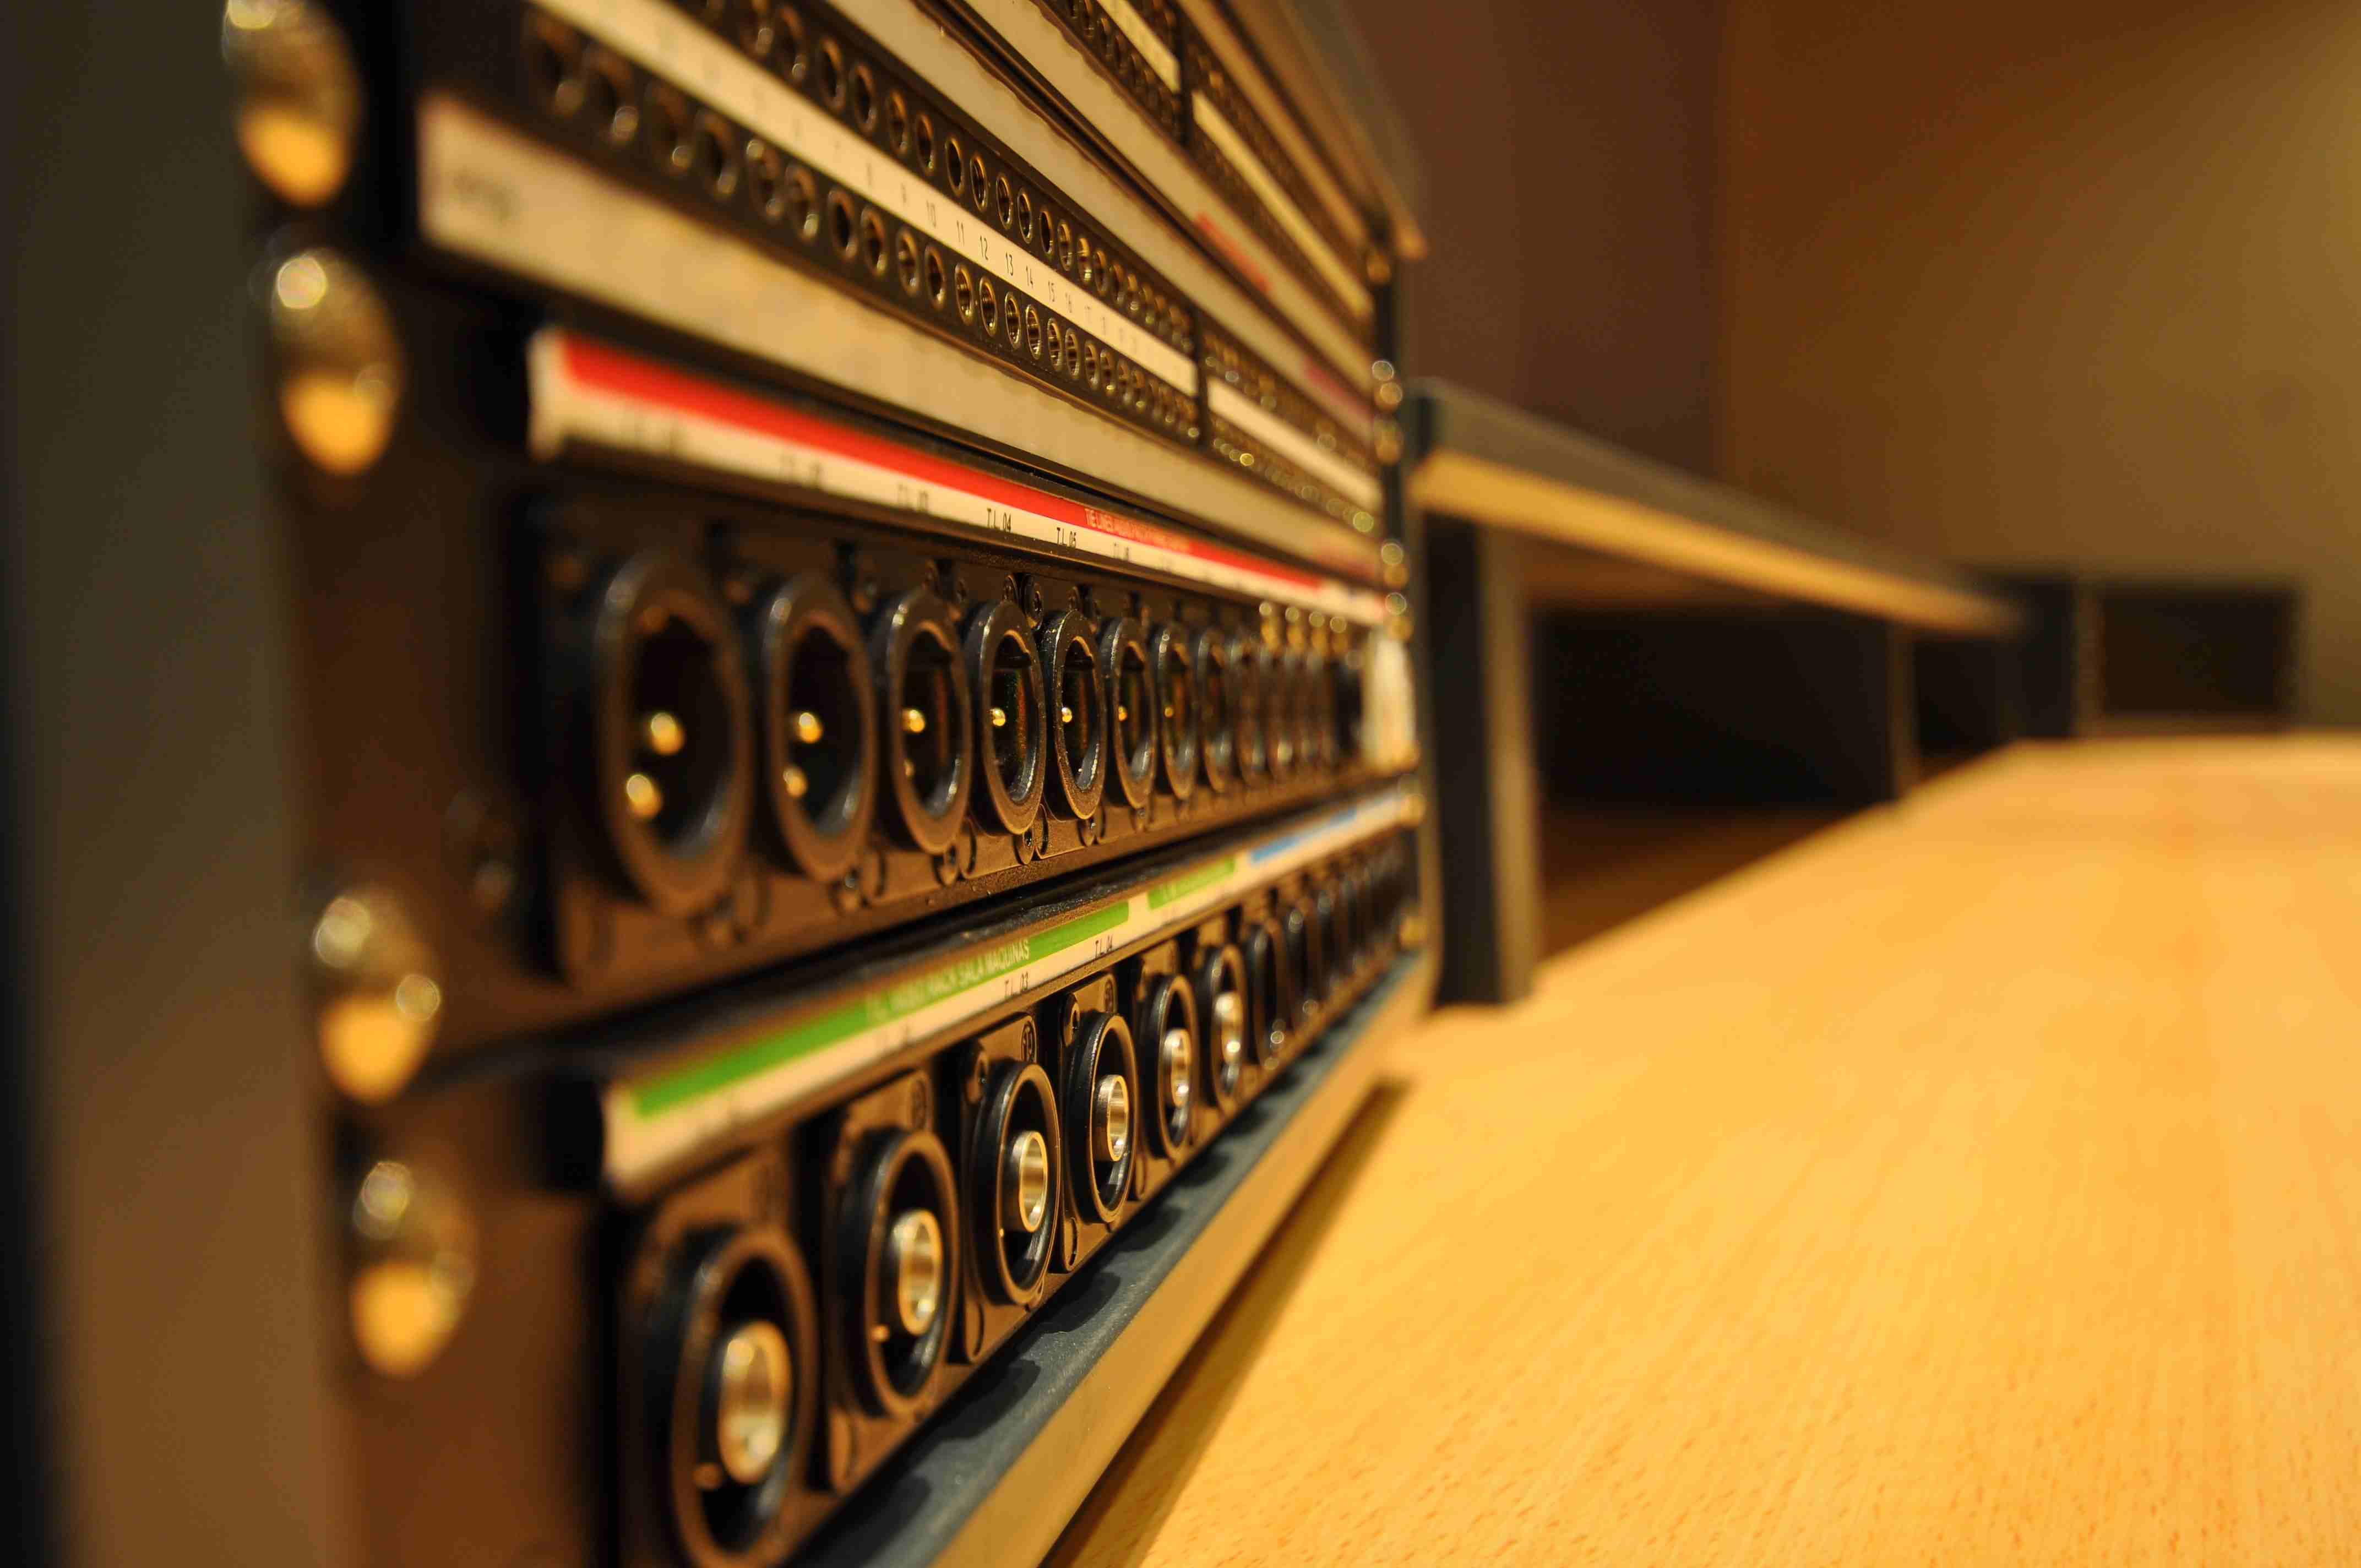 042 Estudio Audio Mueble.JPG